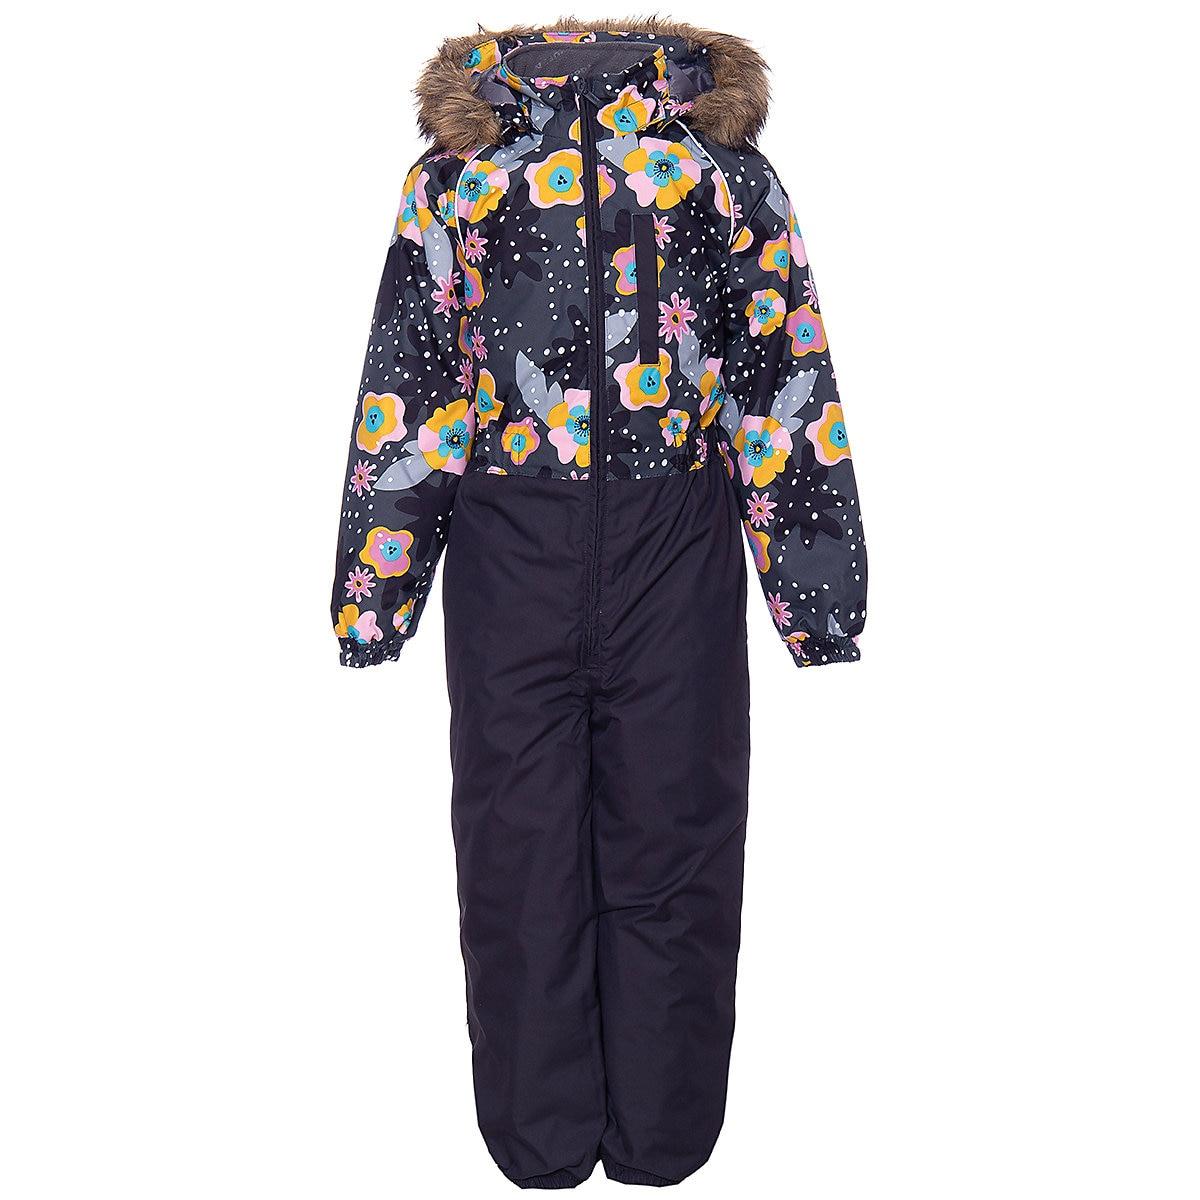 Salopette HUPPA pour filles 8959094 barboteuses bébé combinaison enfants vêtements enfants